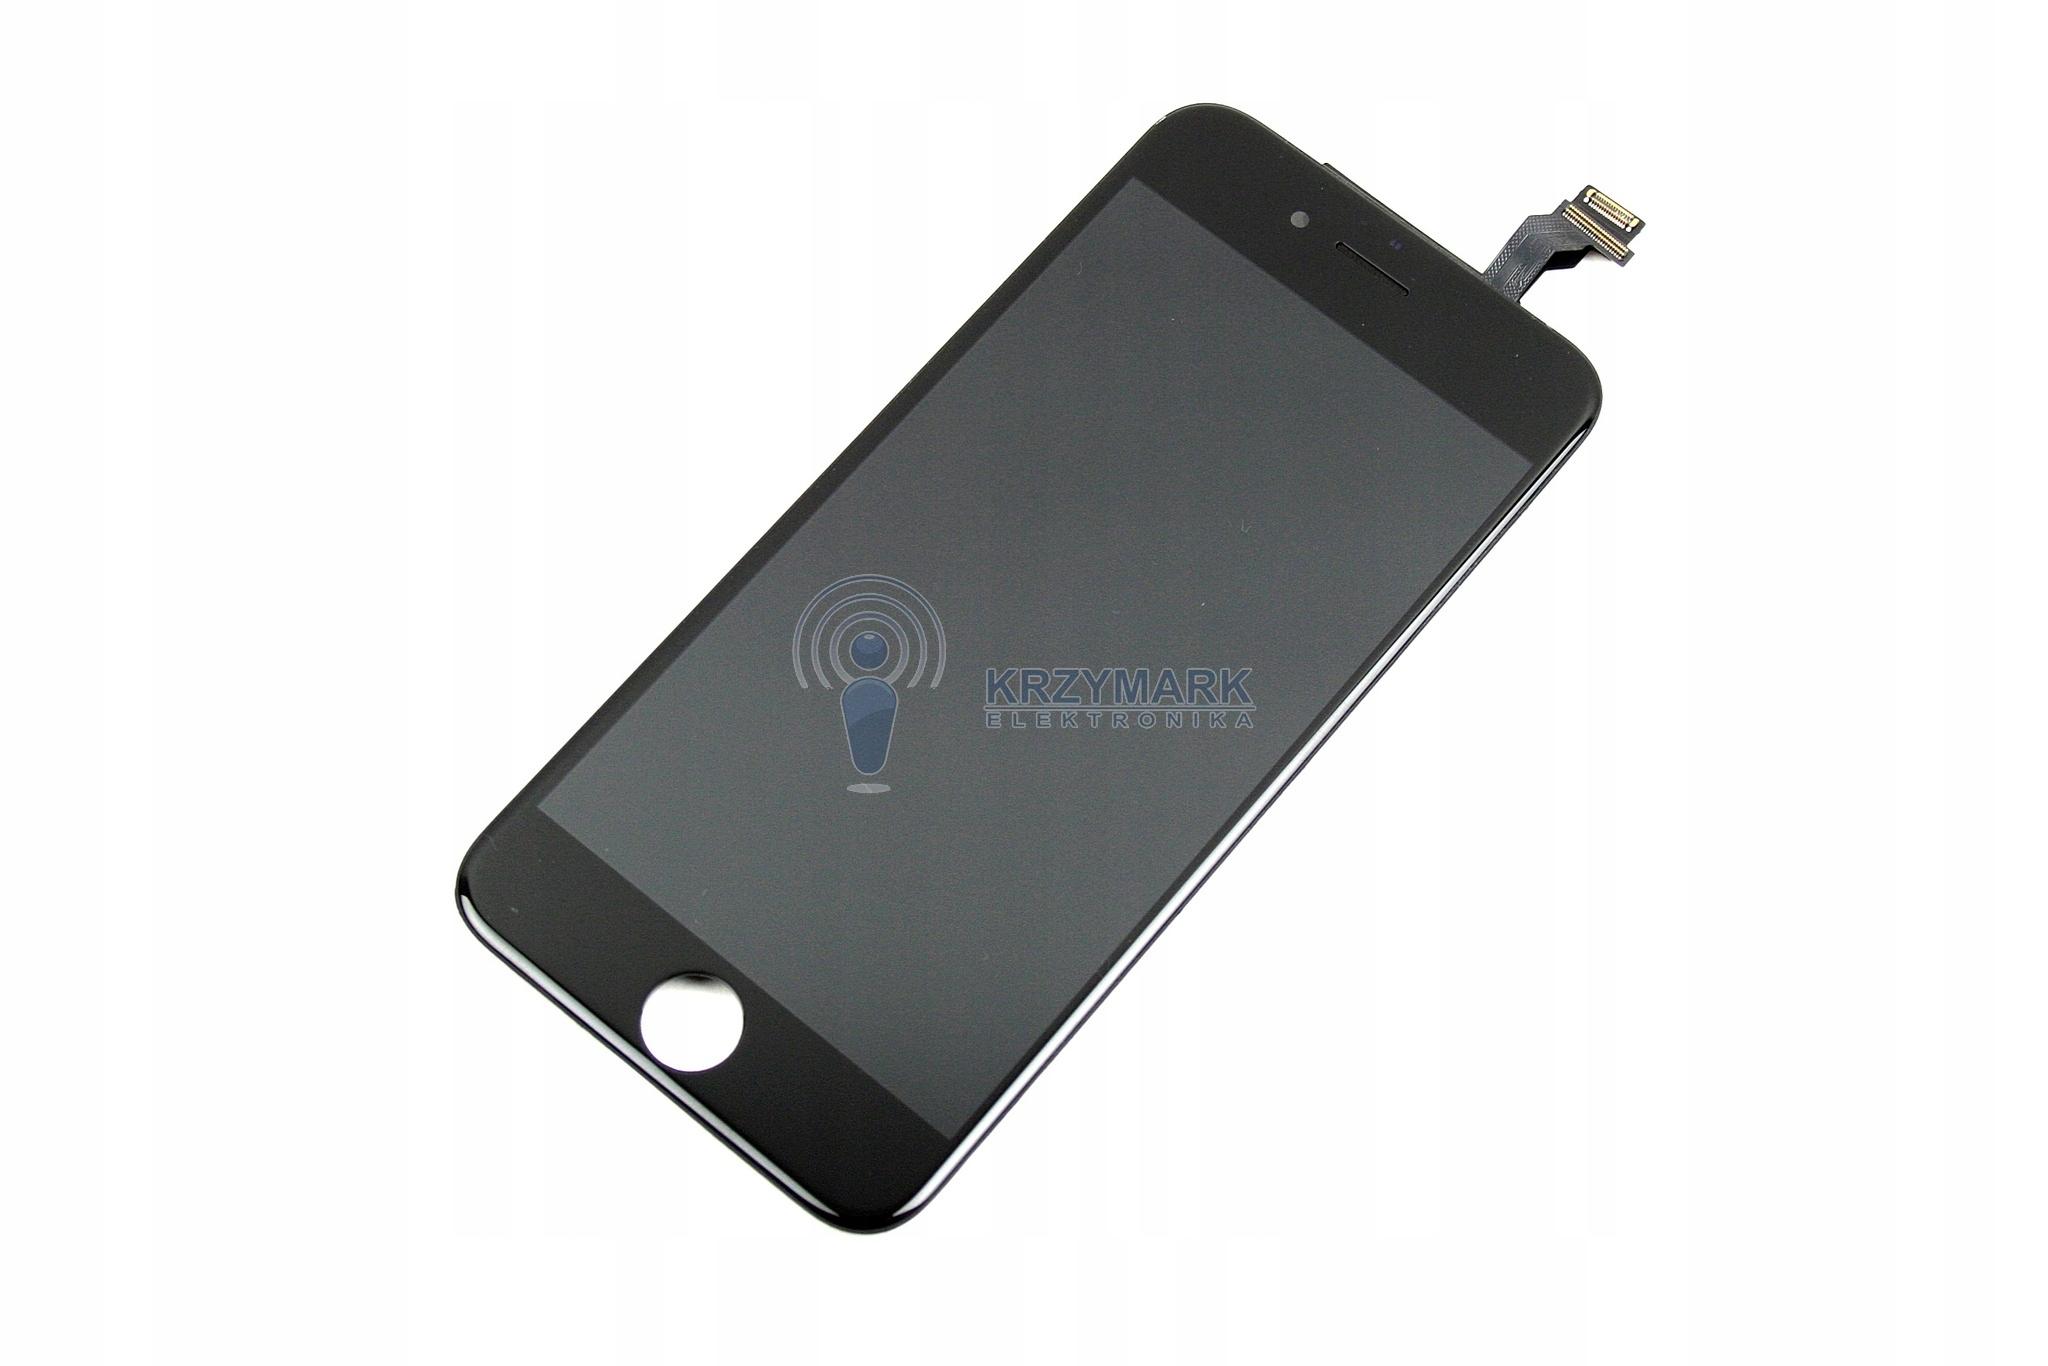 DOTYK CZARNY WYSWIETLACZ LCD IPHONE 6 NARZĘDZIA +